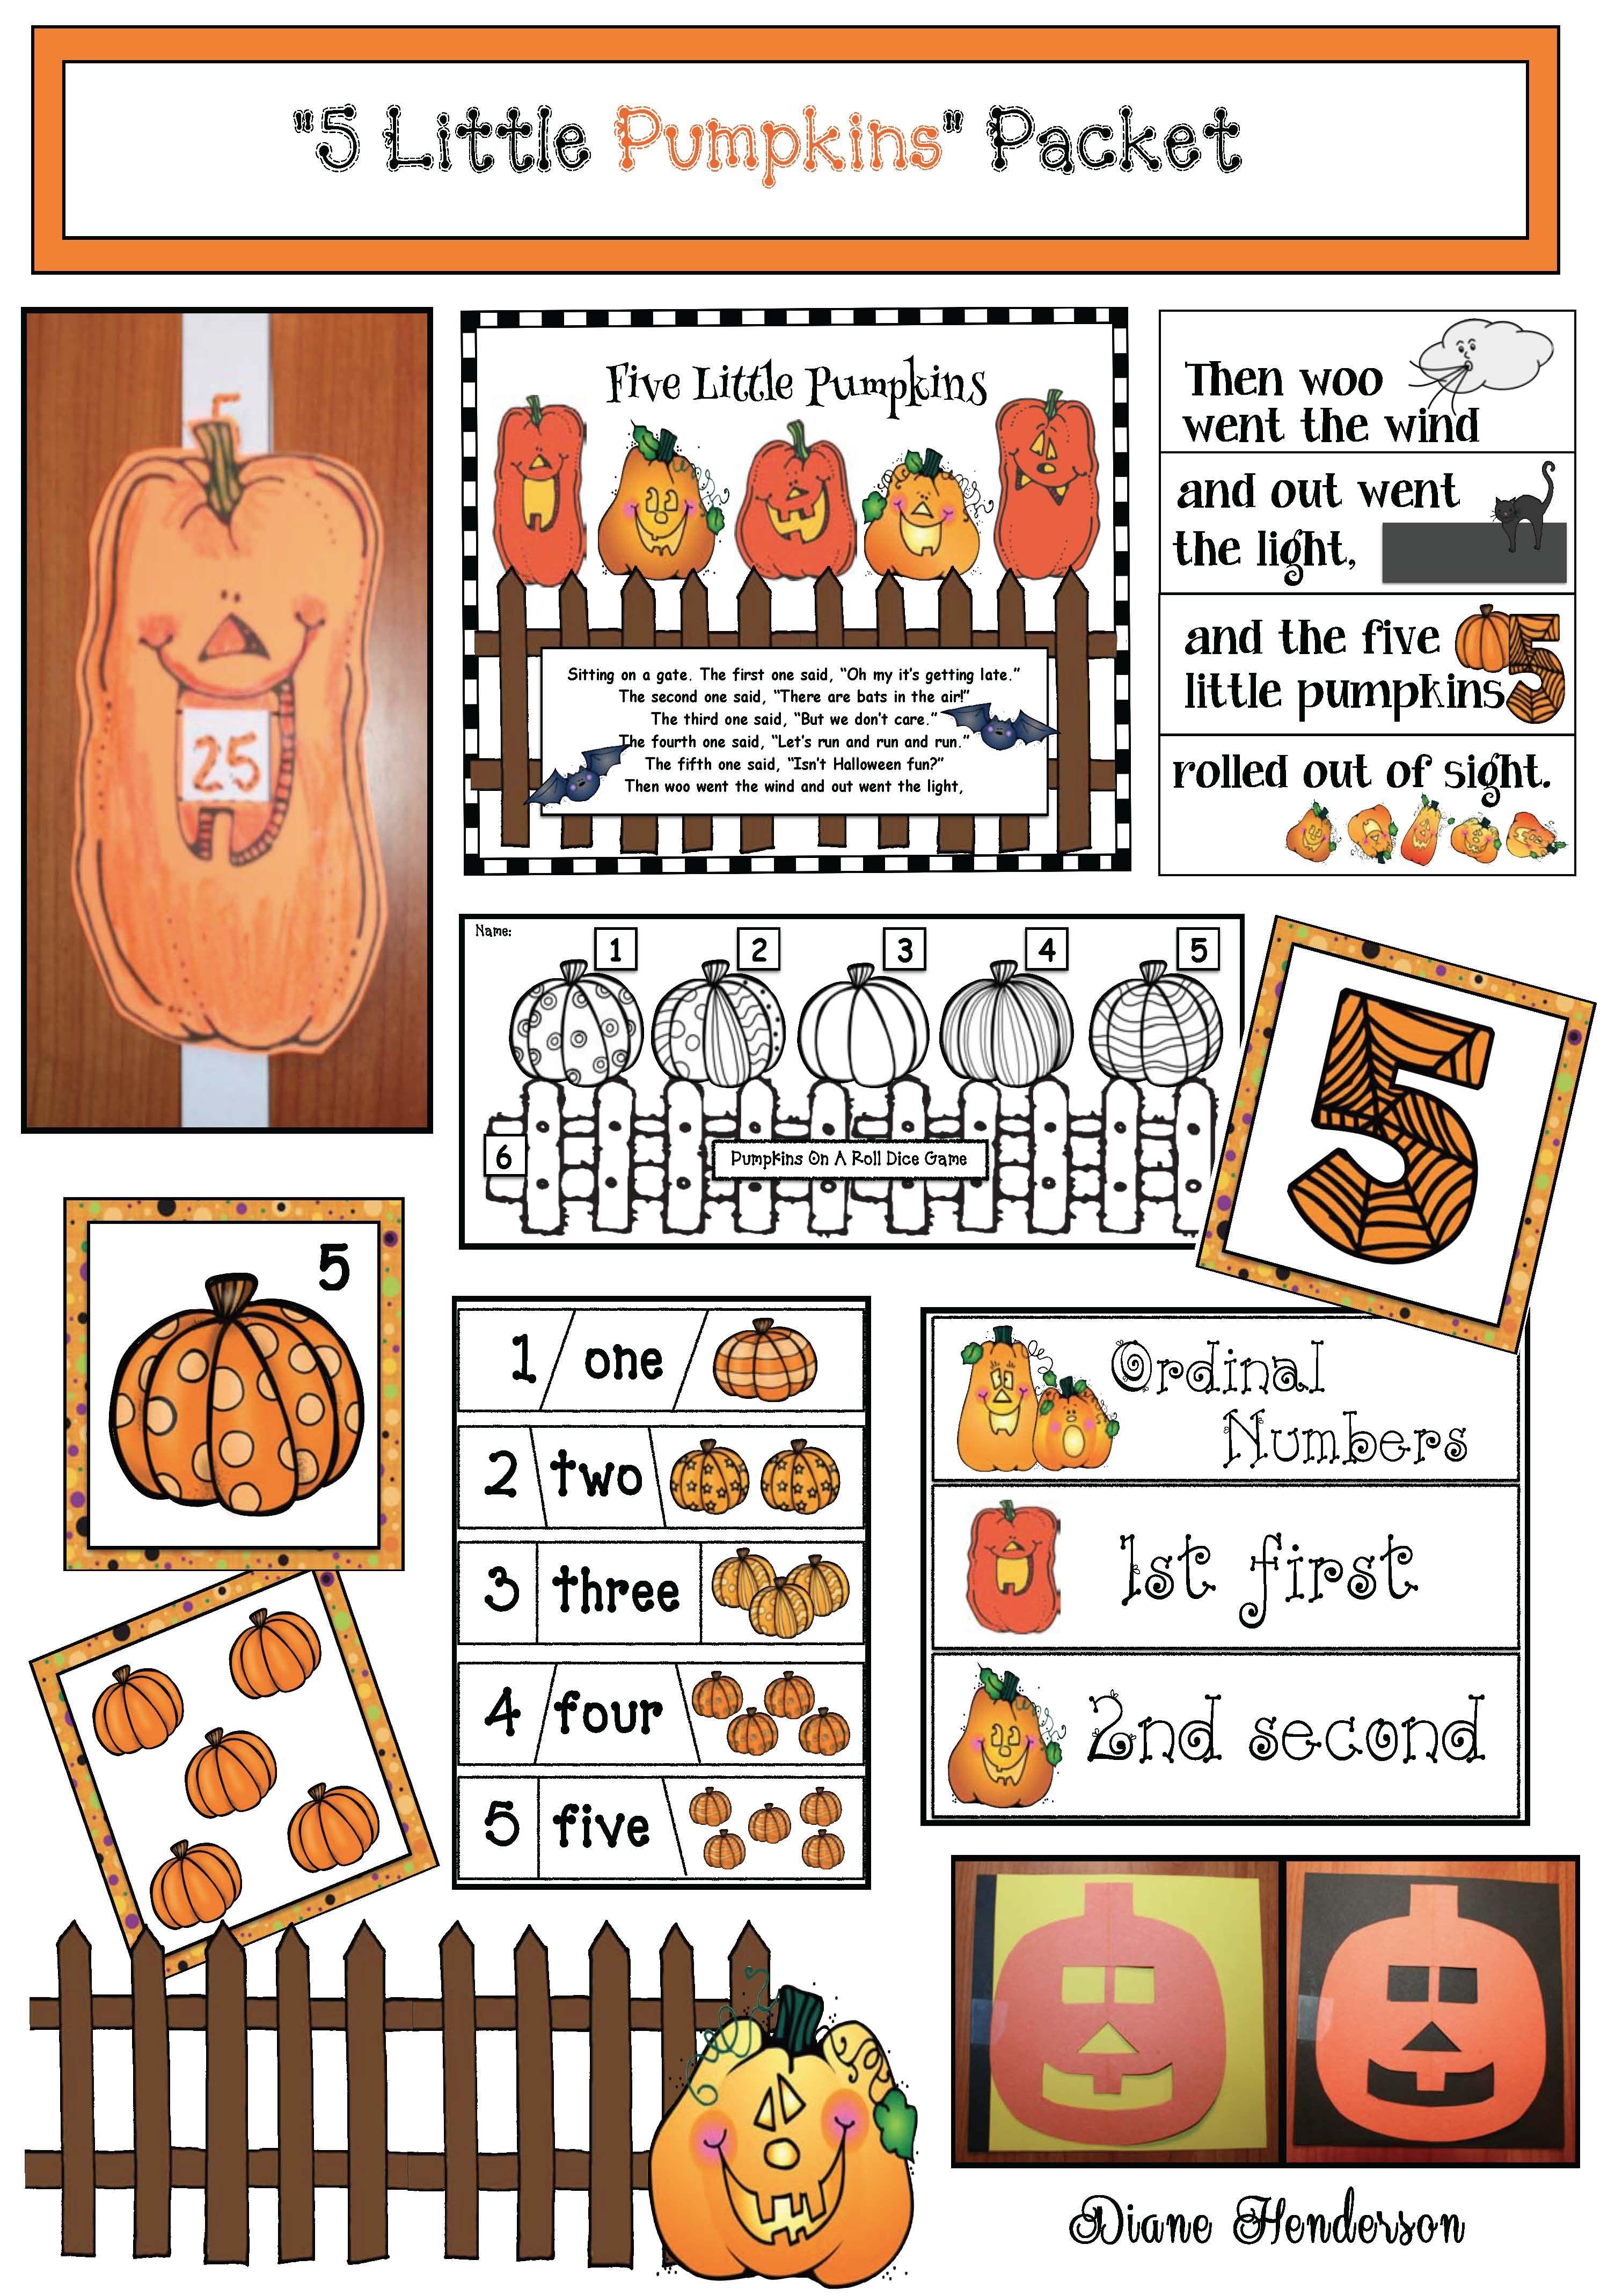 Pete The Cat S 5 Little Pumpkins Worksheet